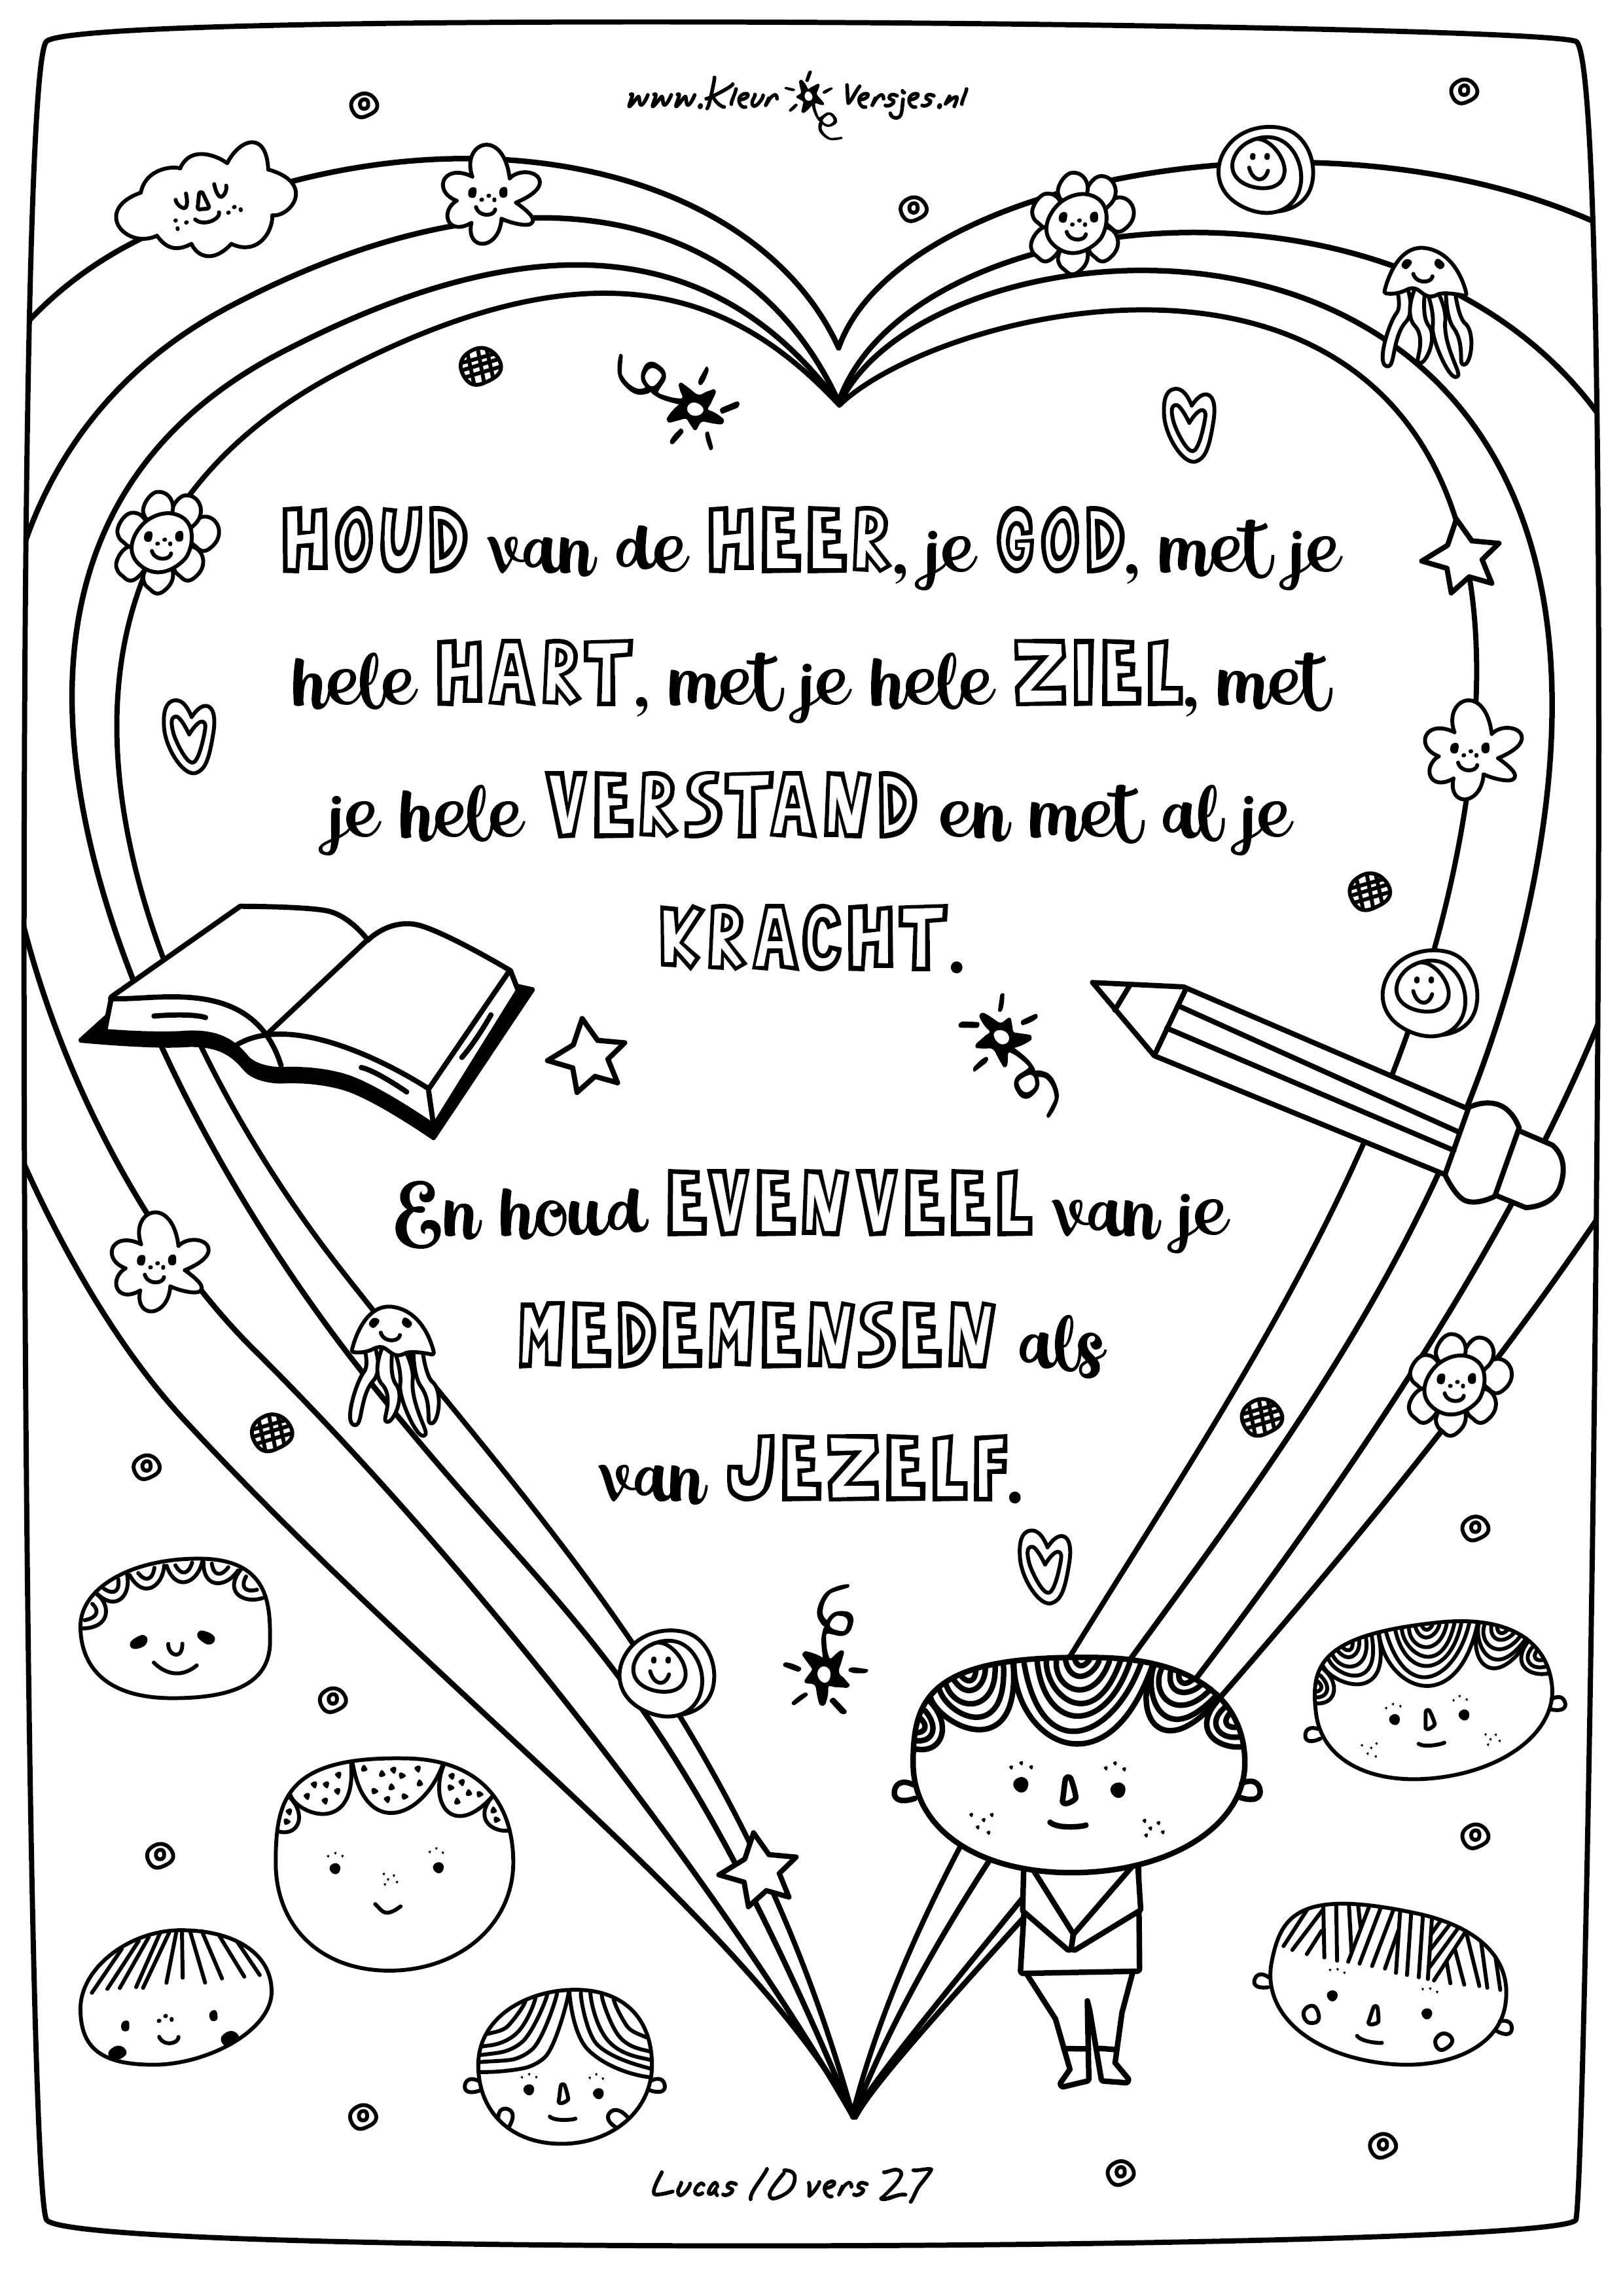 074 Houd Van De Heer Je God Kleurversjes Nl Bijbel Kleurplaten Bijbel Spelletjes De Heer